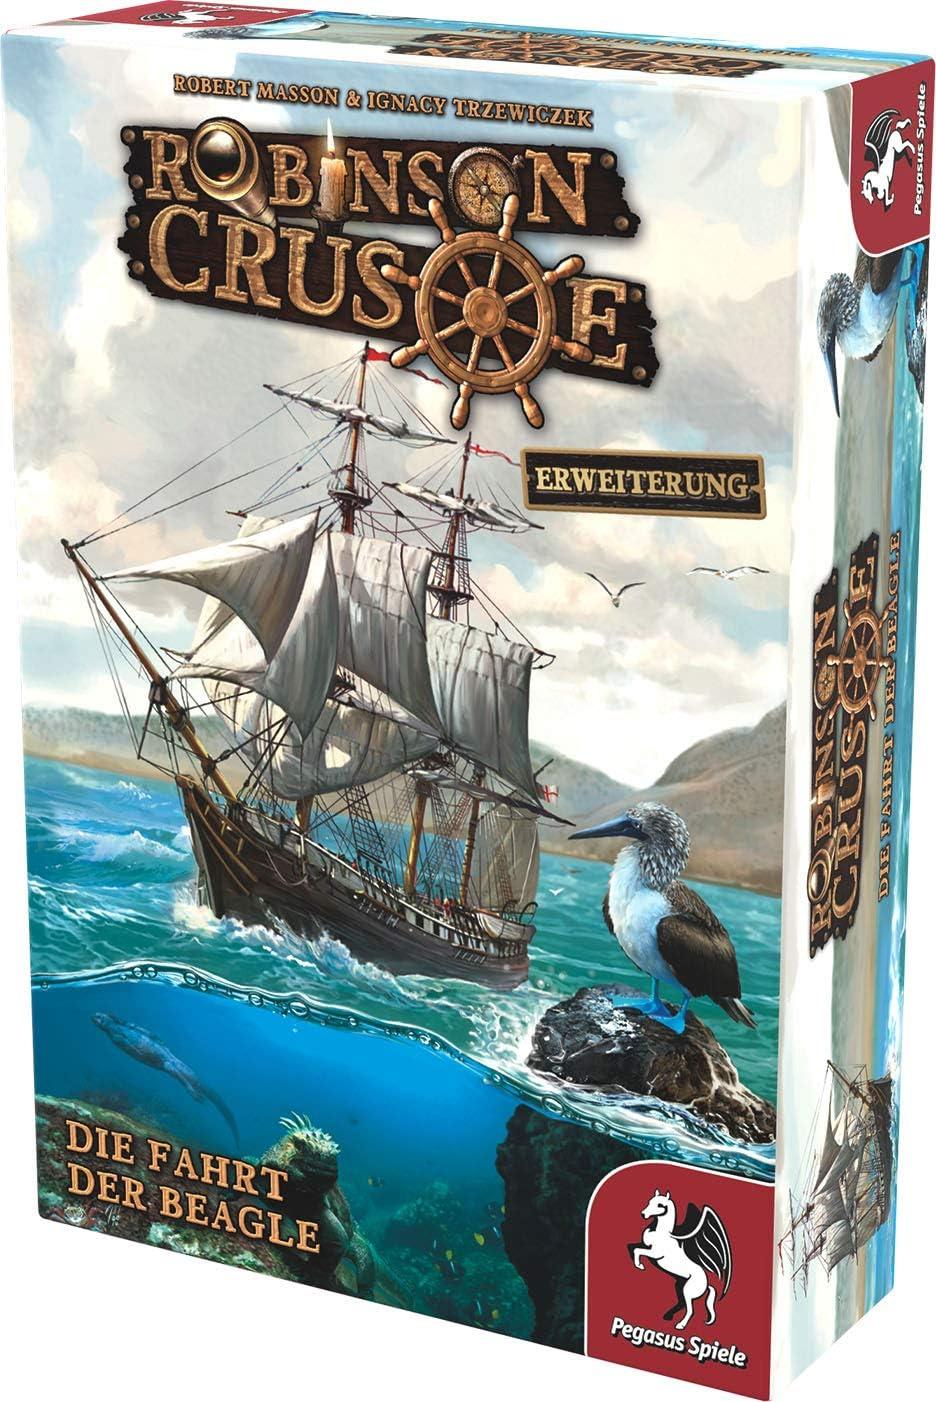 Die Fahrt der ... Insert Für Robinson Crusoe und Erweiterung